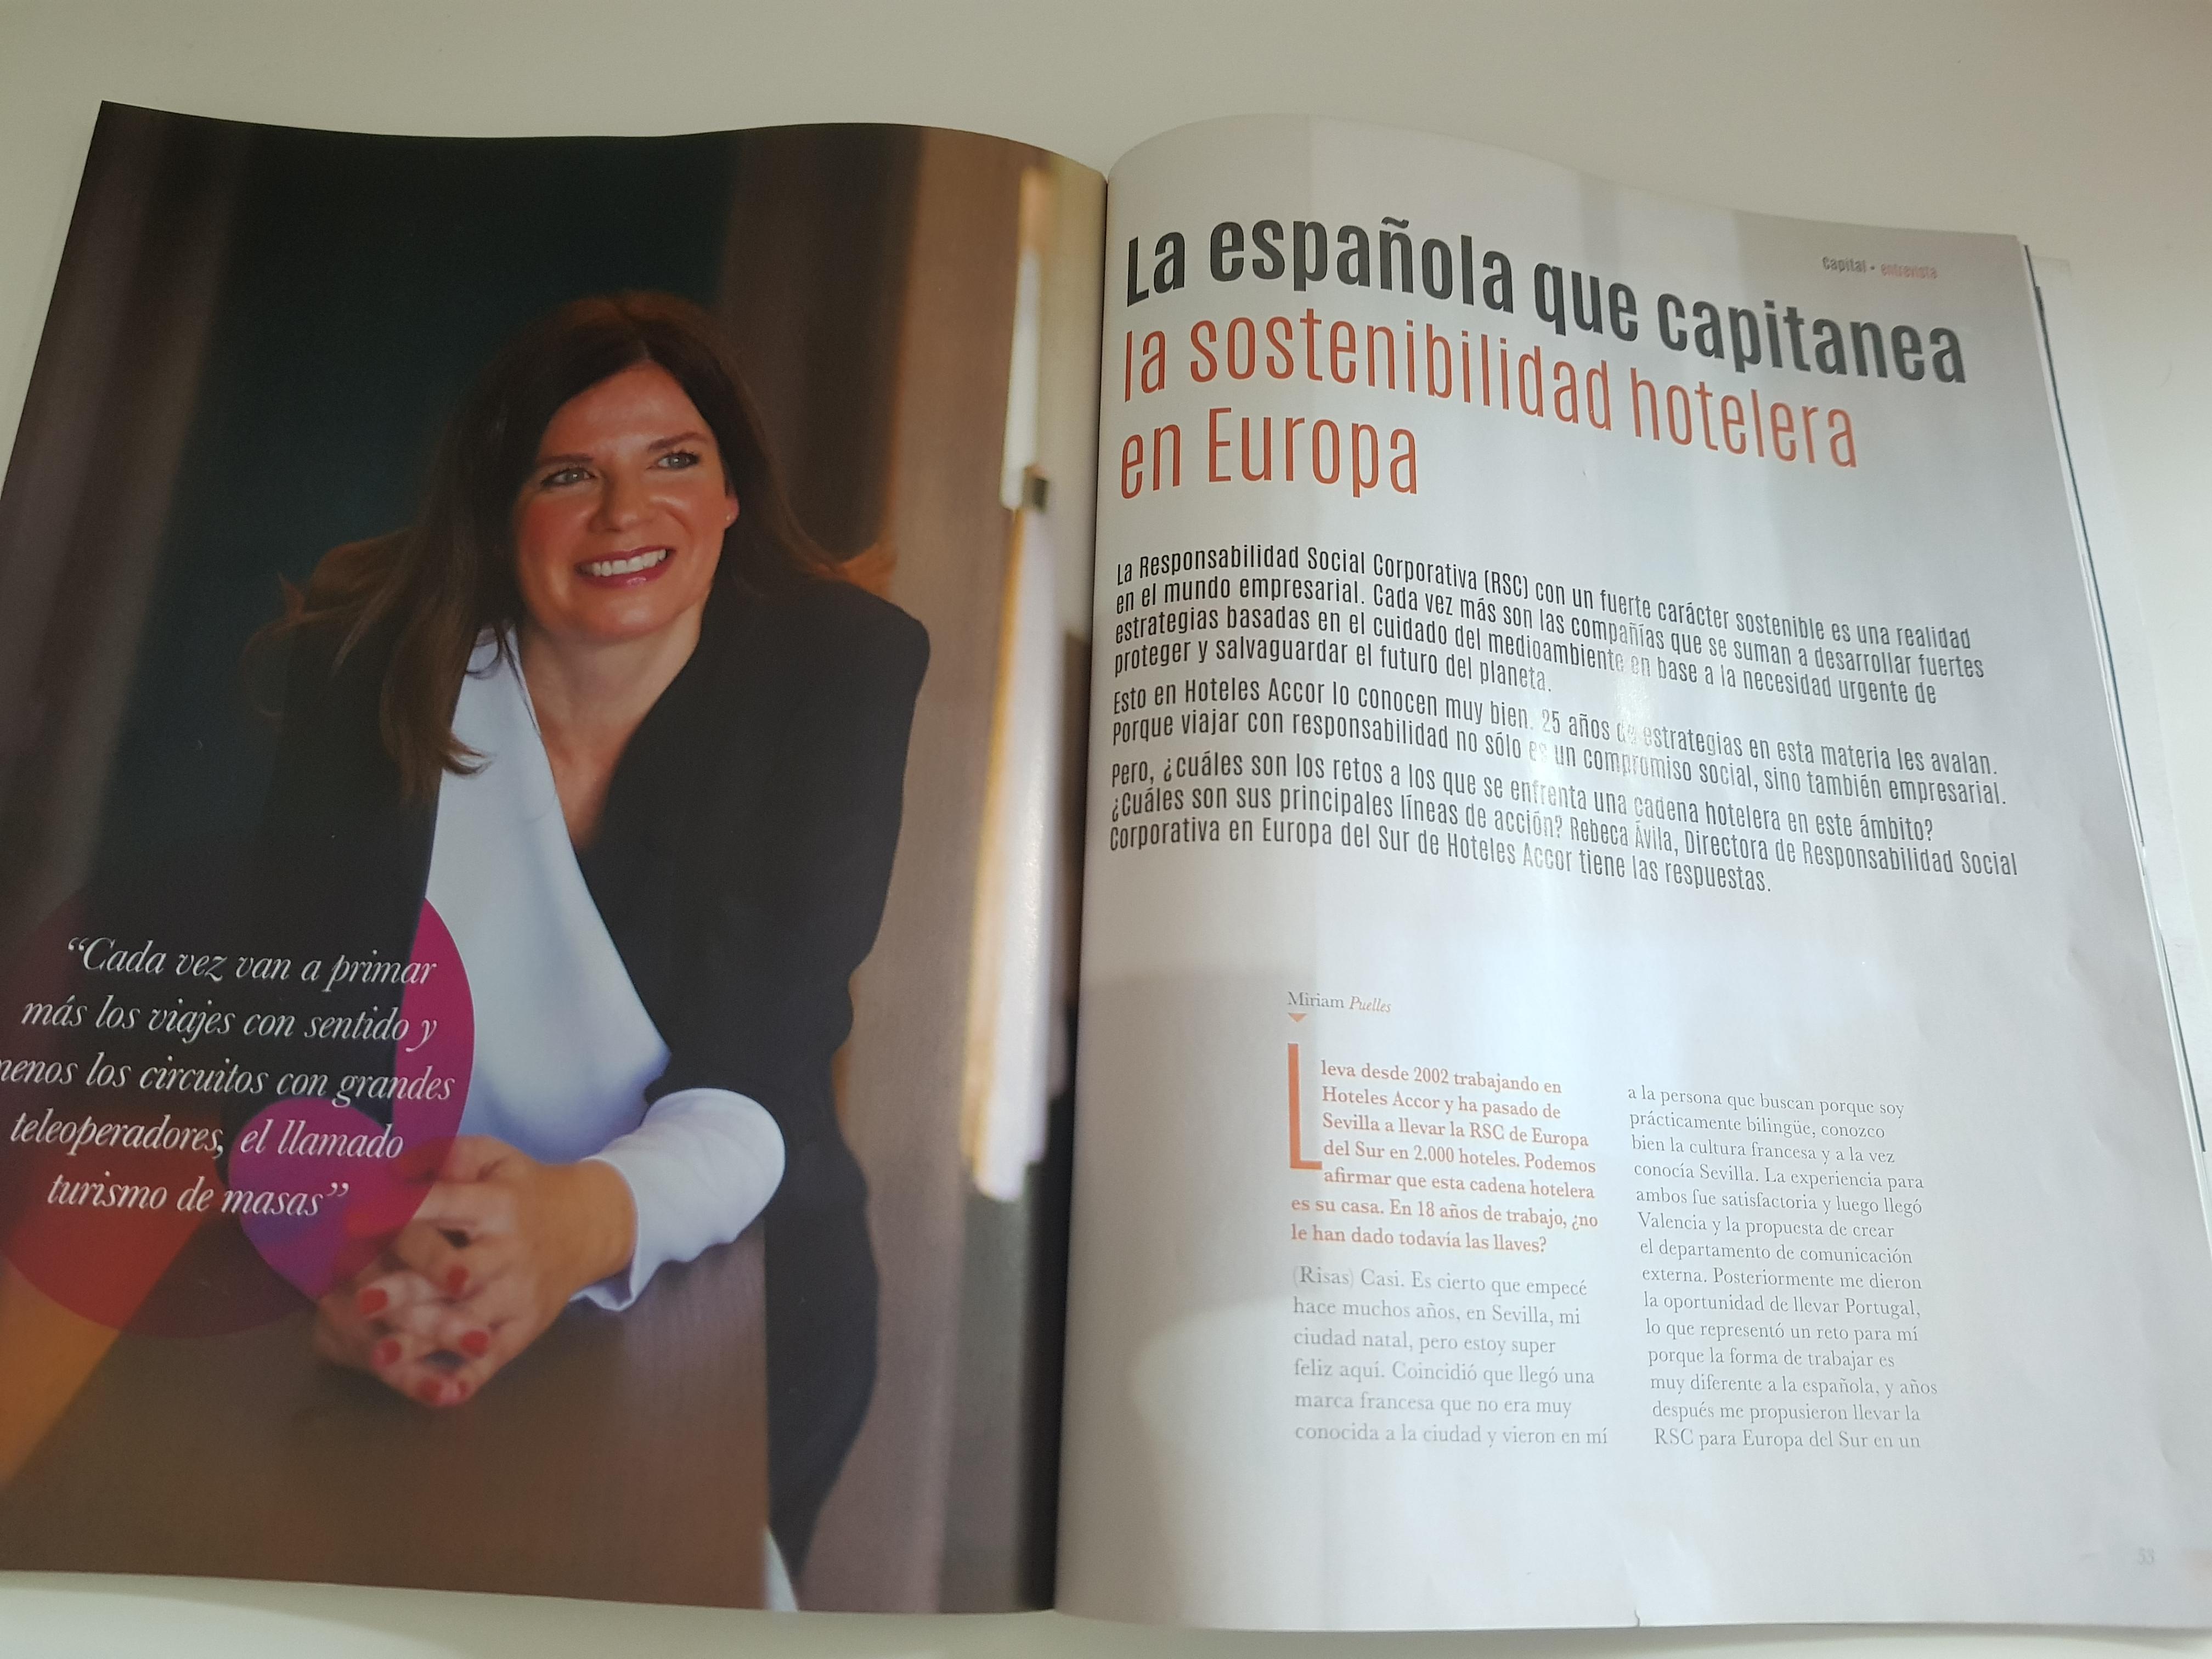 La española que lidera la sostenibilidad hotelera en Europa